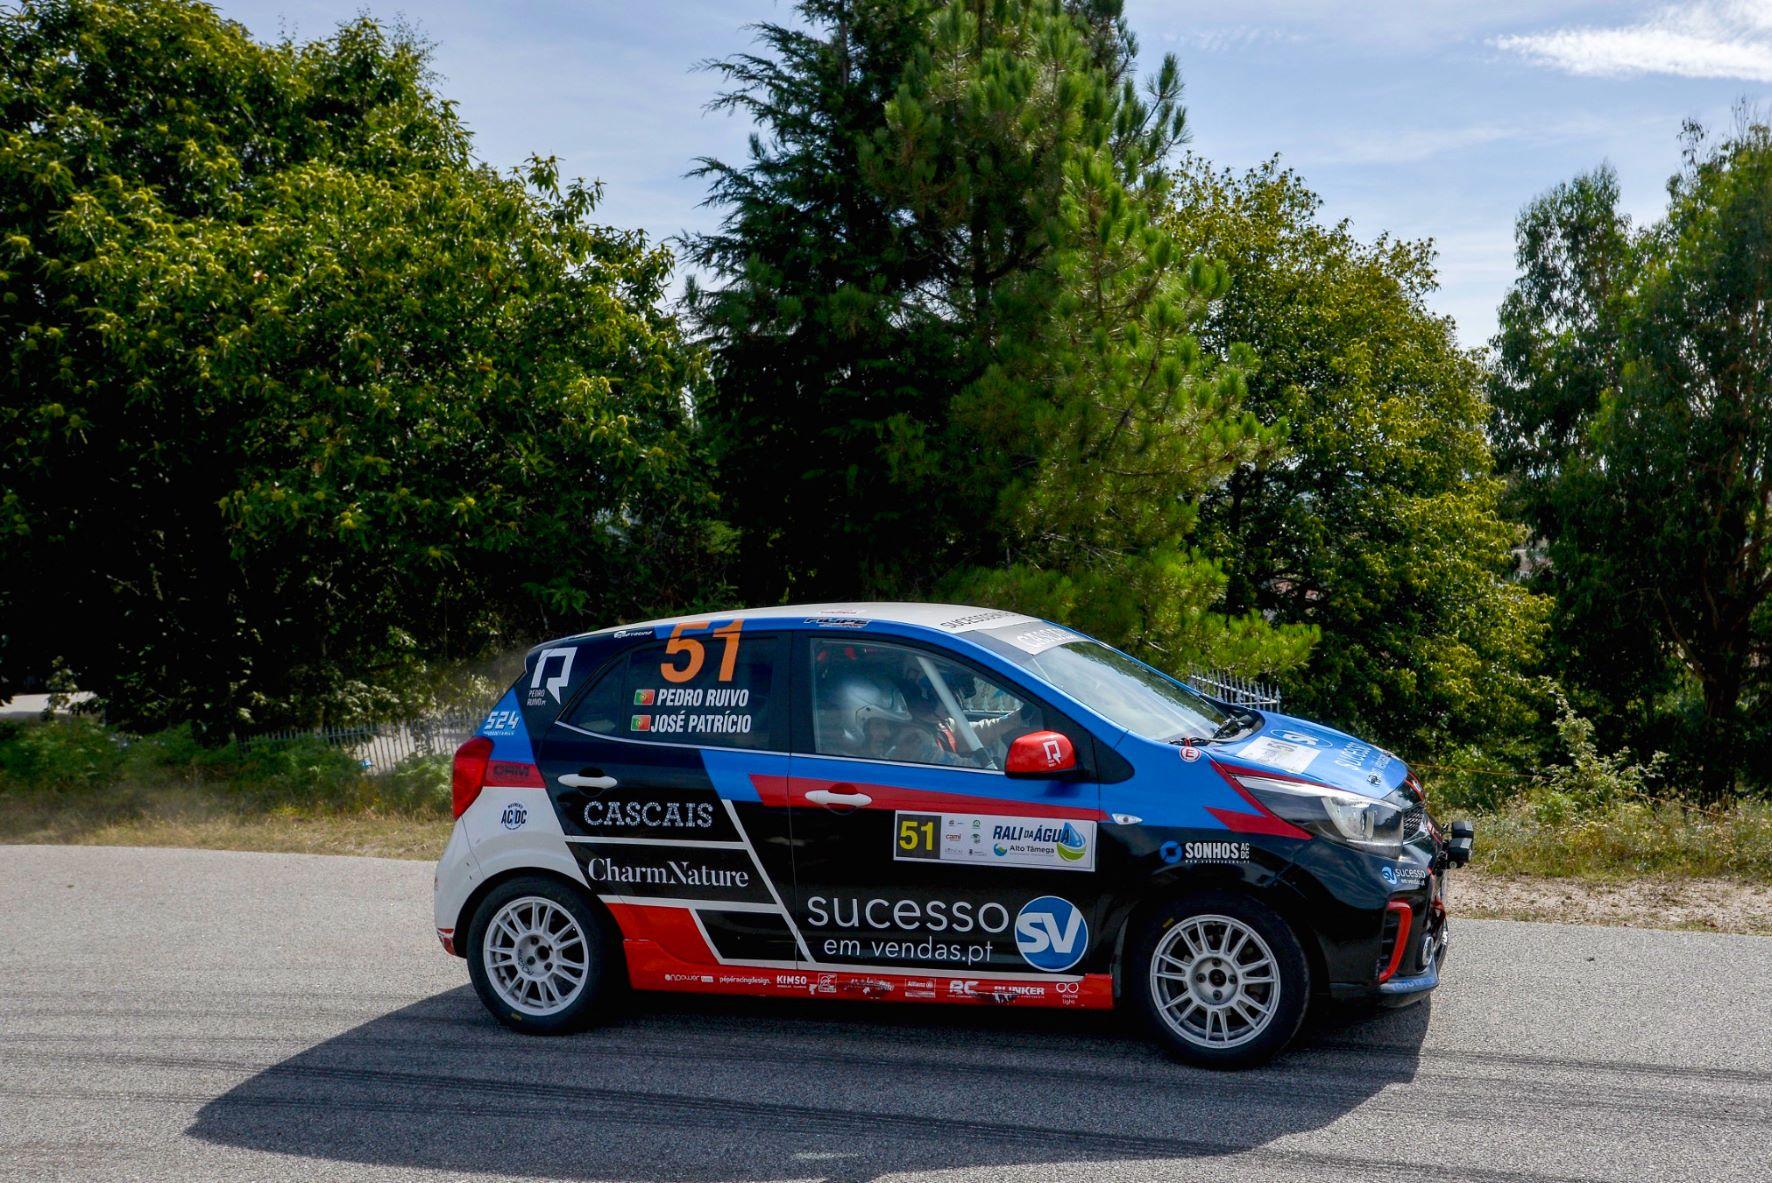 Rali do Vidreiro acolhe regresso do Rio e última jornada do Kia Rally Cup 21